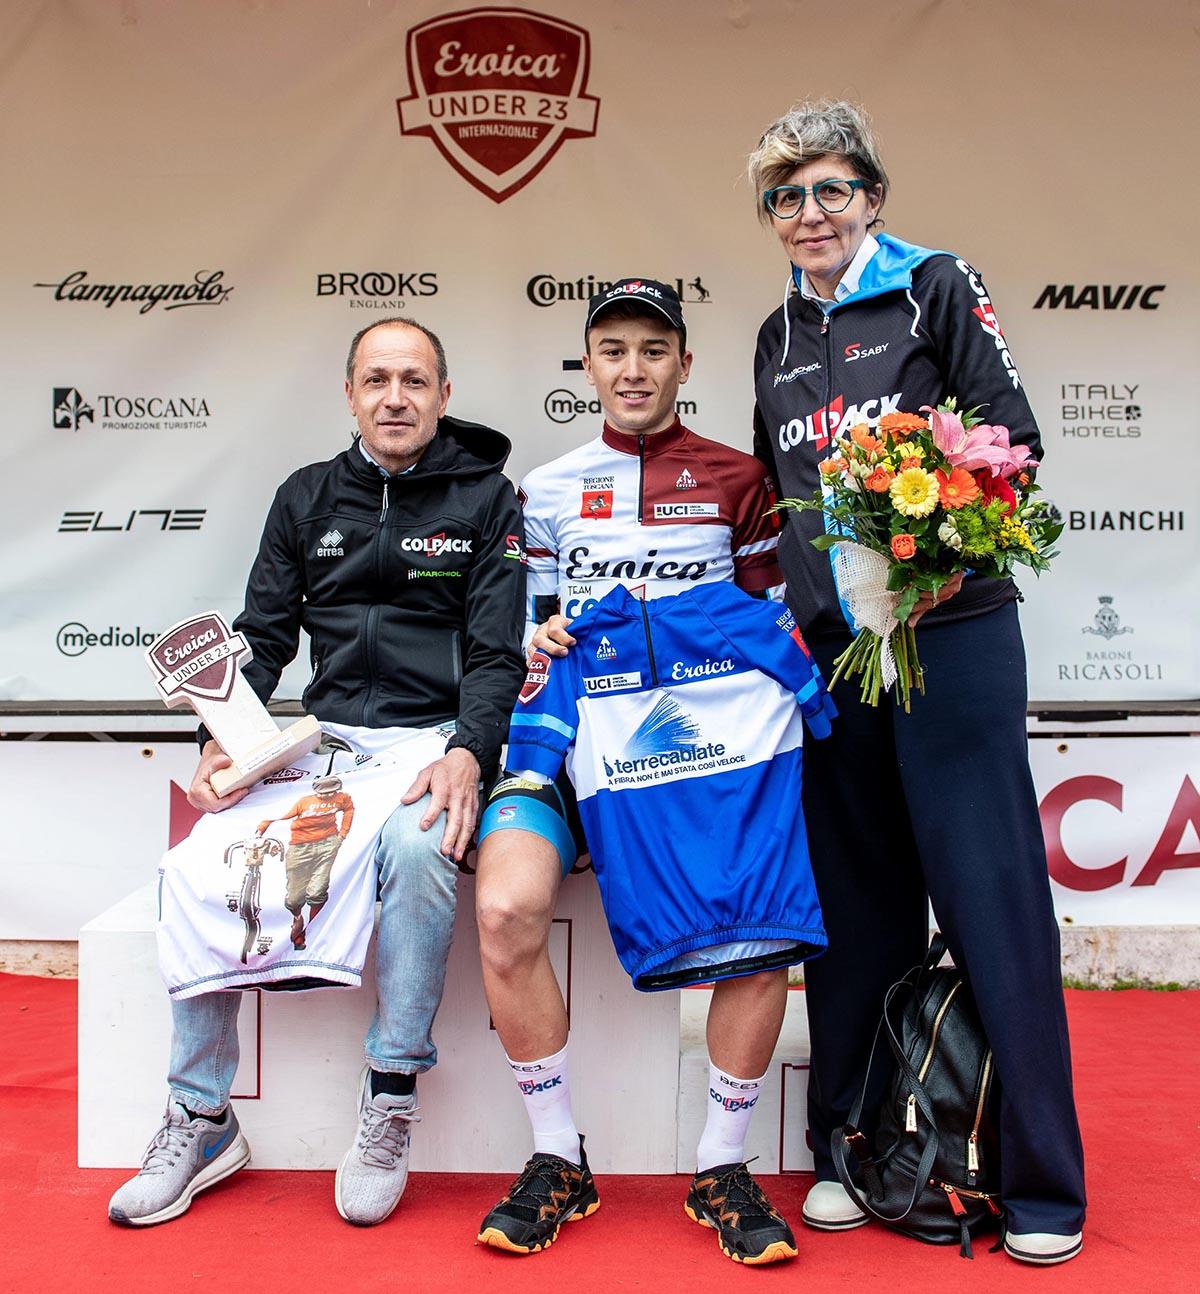 Grande bottino per Andrea Bagioli e il Team Colpack al Toscana Terra di Ciclismo 2018